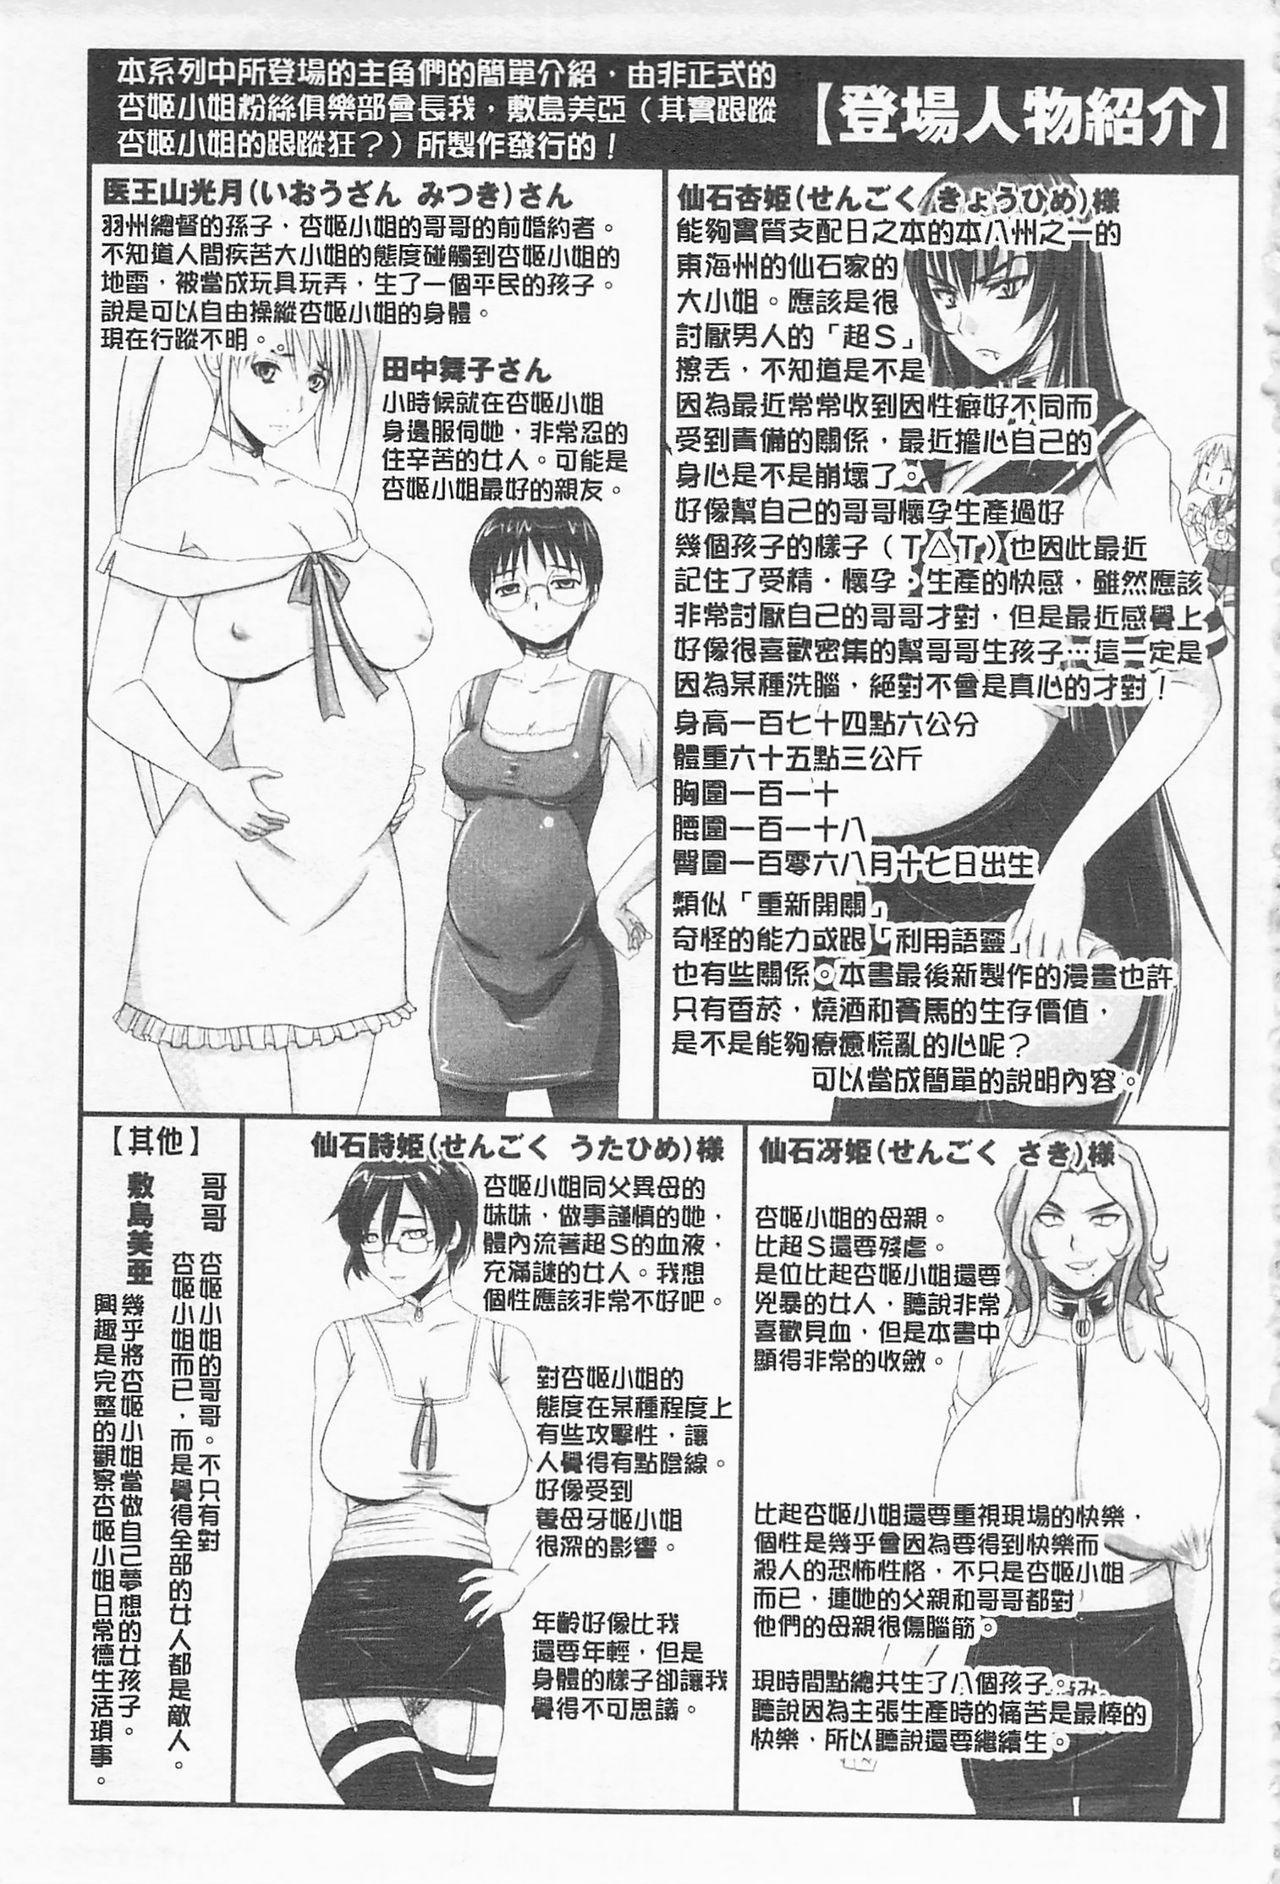 [Nozarashi Satoru] Do S na Hime wa Kegasareru -Ouhou no Shou-   超S的公主被玷汙了 ~報應之章~ [Chinese] 9